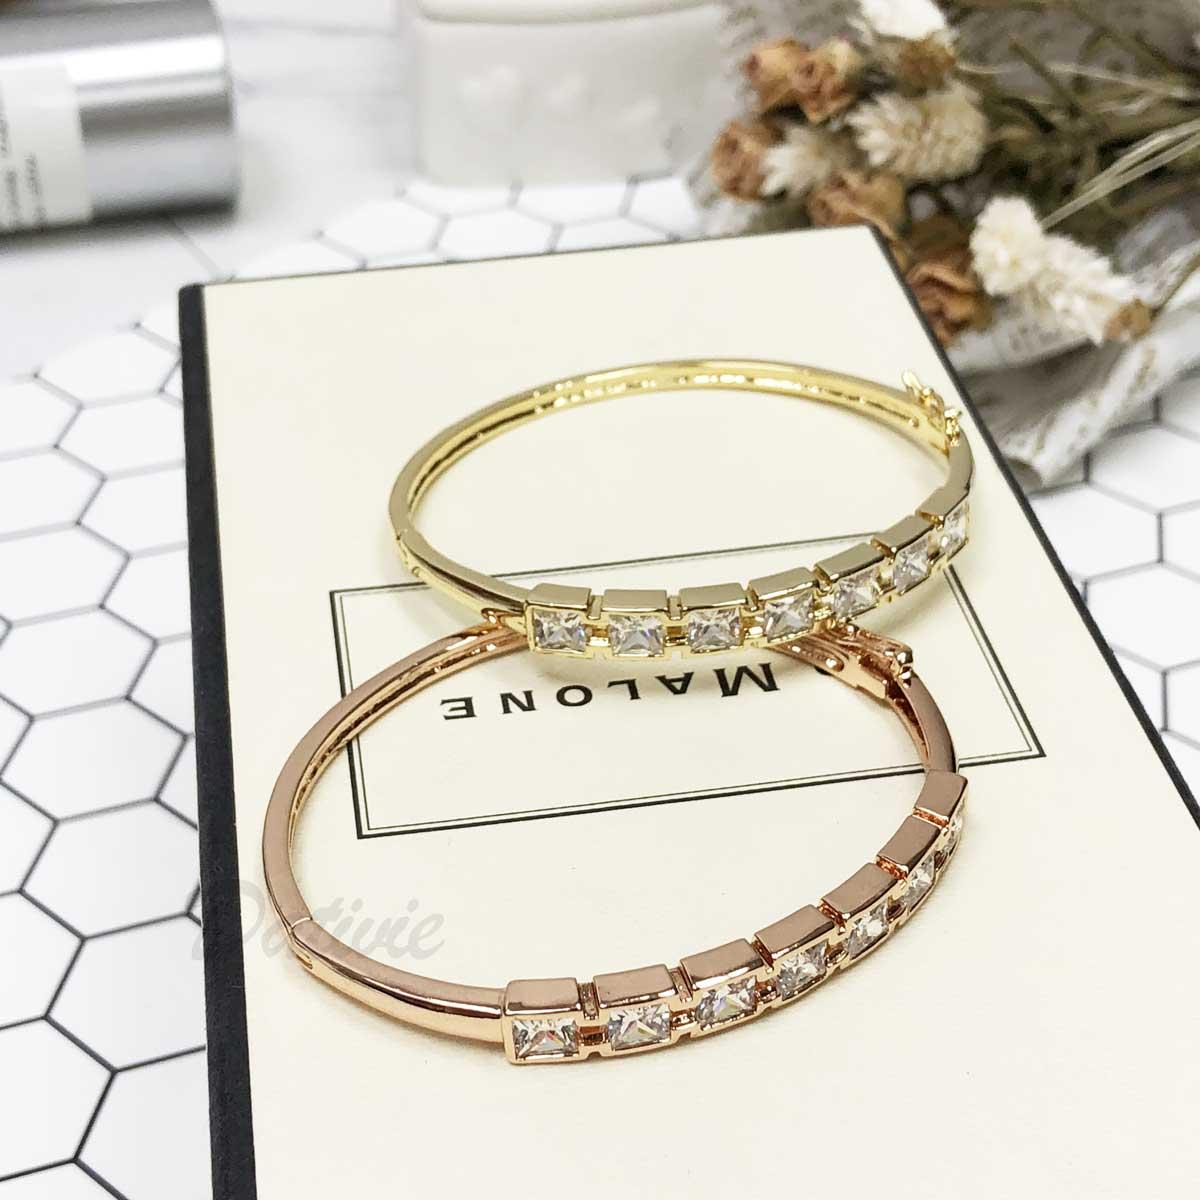 方鑽 排鑽 精緻 玫瑰金 華麗 手環 手飾